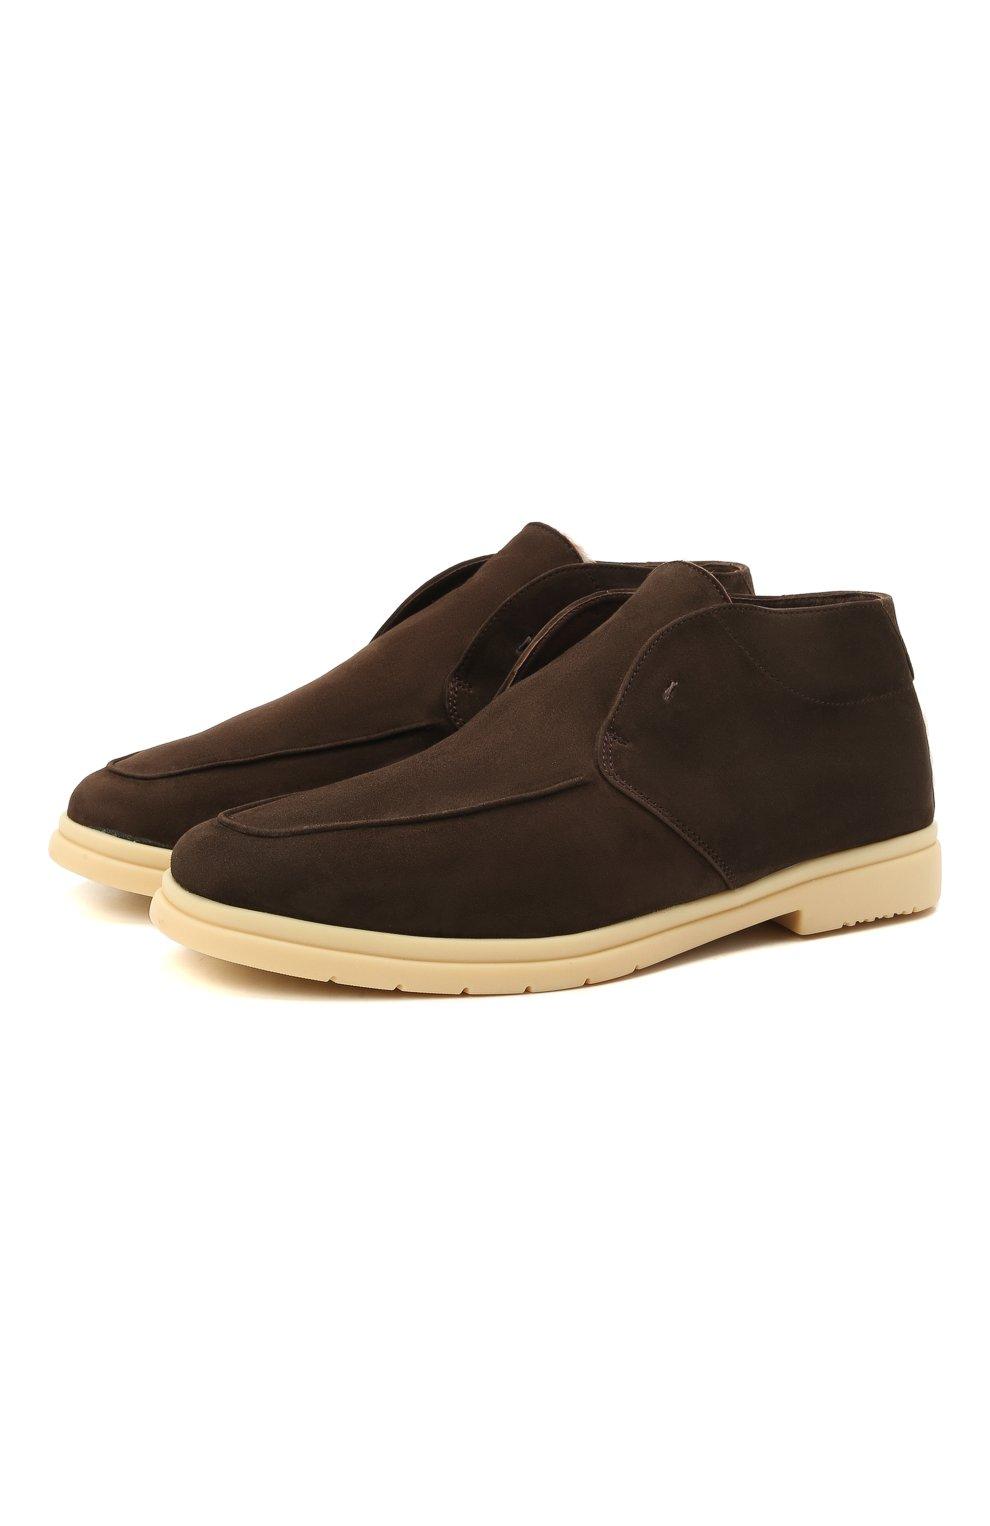 Мужские замшевые ботинки ANDREA VENTURA FIRENZE темно-коричневого цвета, арт. W-SAIL0R PANAREA/SHEARLING/CACHEMIRE/WS-IV0RY | Фото 1 (Материал утеплителя: Натуральный мех; Мужское Кросс-КТ: Ботинки-обувь, зимние ботинки; Материал внутренний: Натуральная кожа; Подошва: Плоская; Материал внешний: Замша)